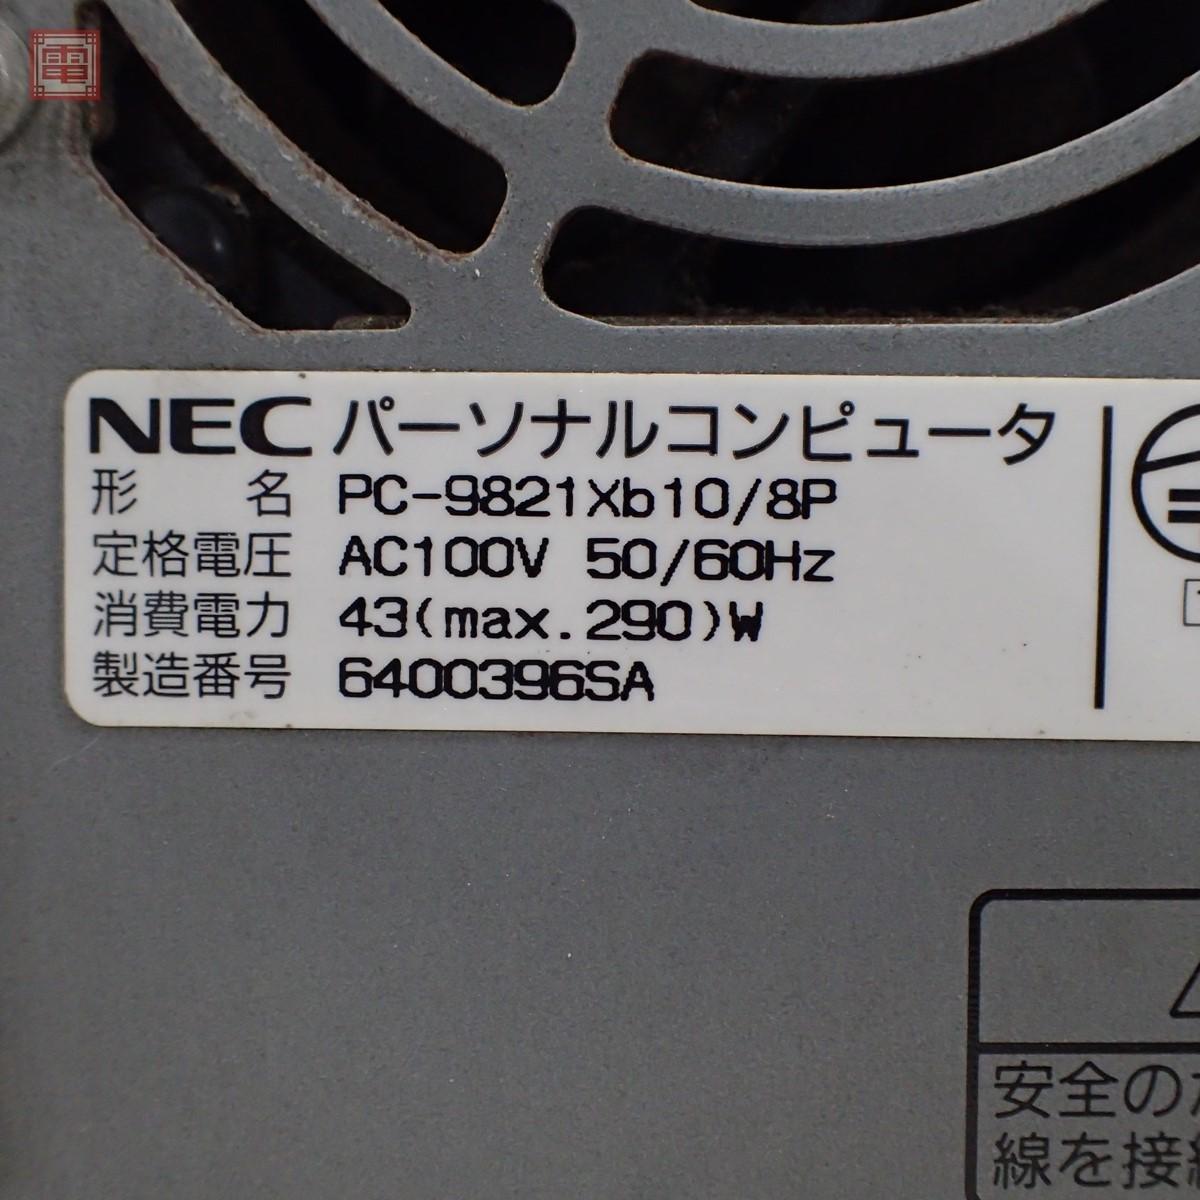 NEC PC-9821Xb10/8P 本体 日本電気 パーツ取りにどうぞ【40_画像4